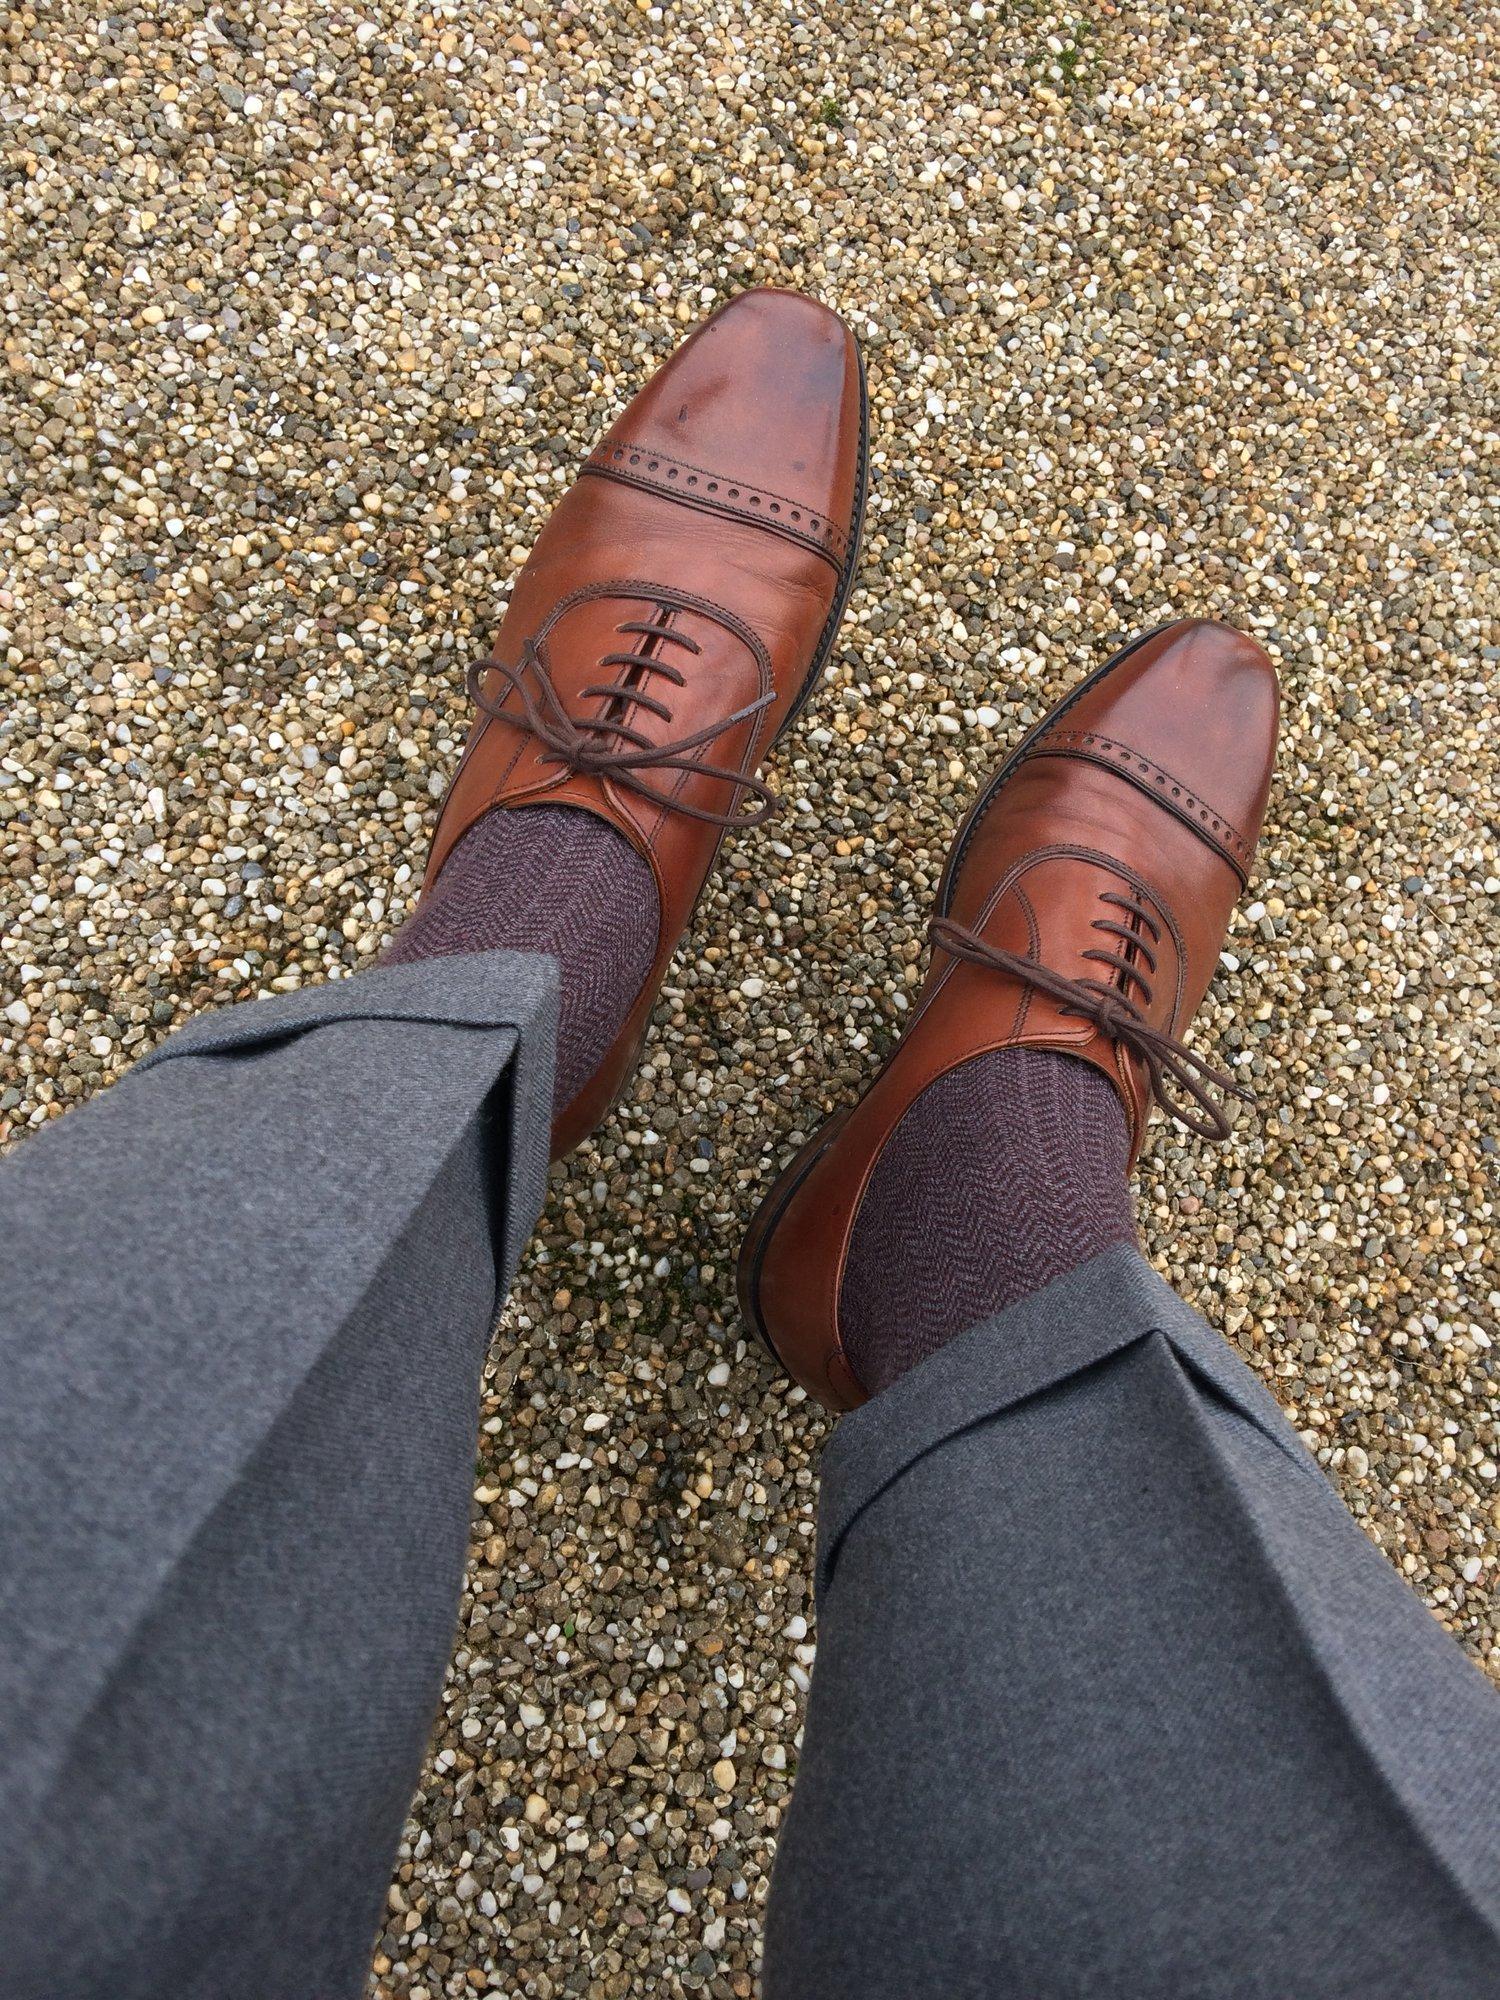 Mulb woods shoe.JPG